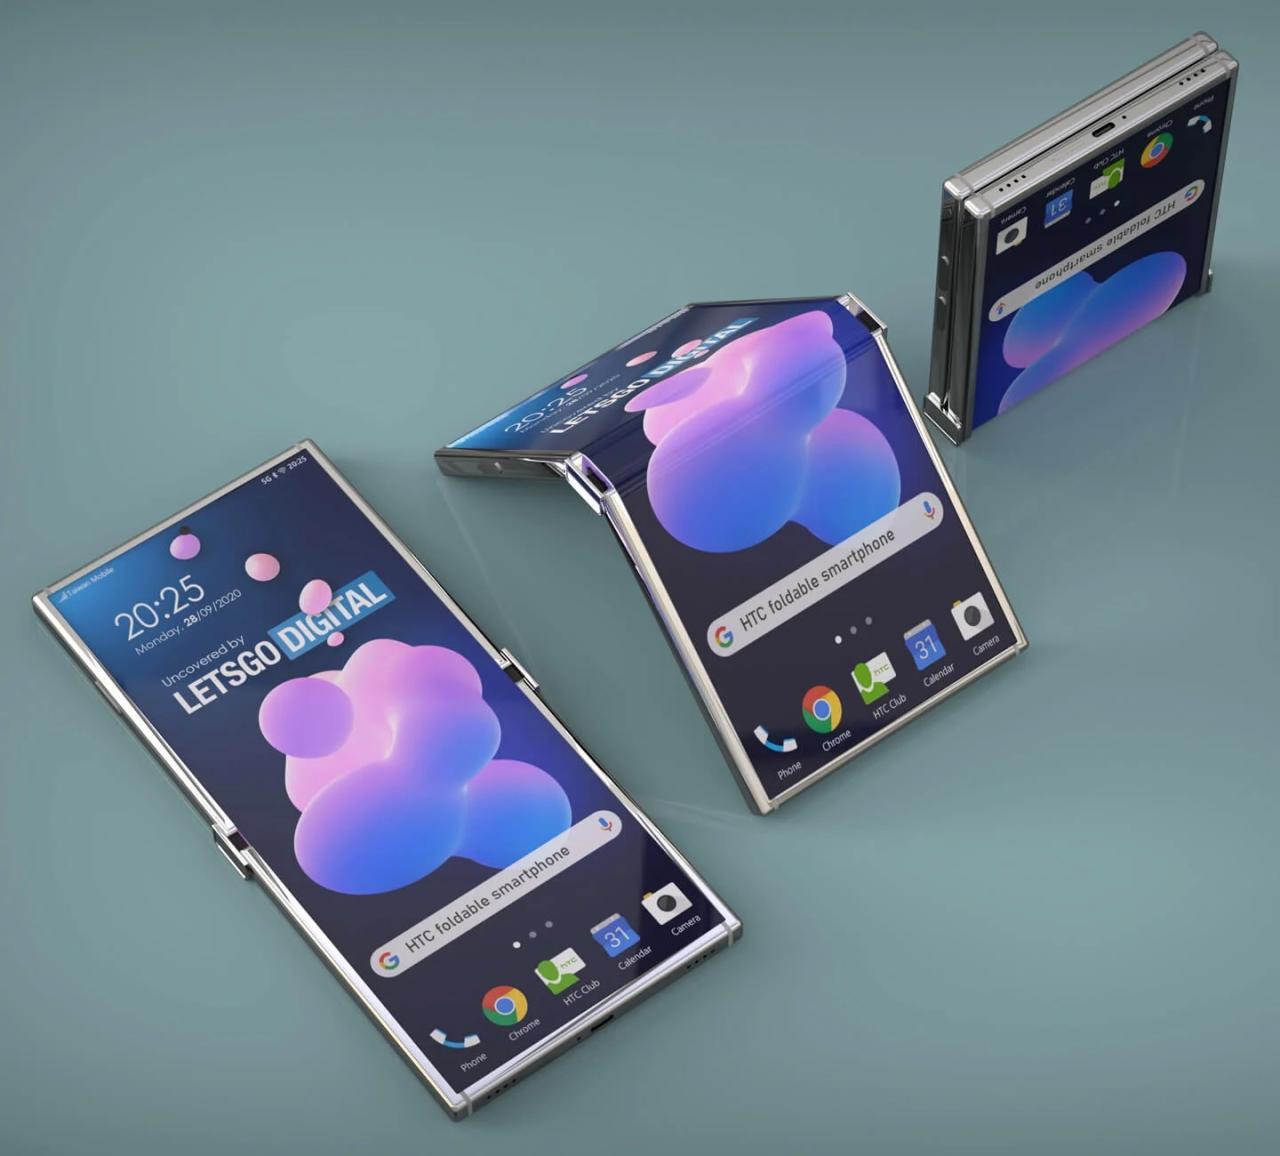 Первый гибкий смартфон показали на патентных изображениях